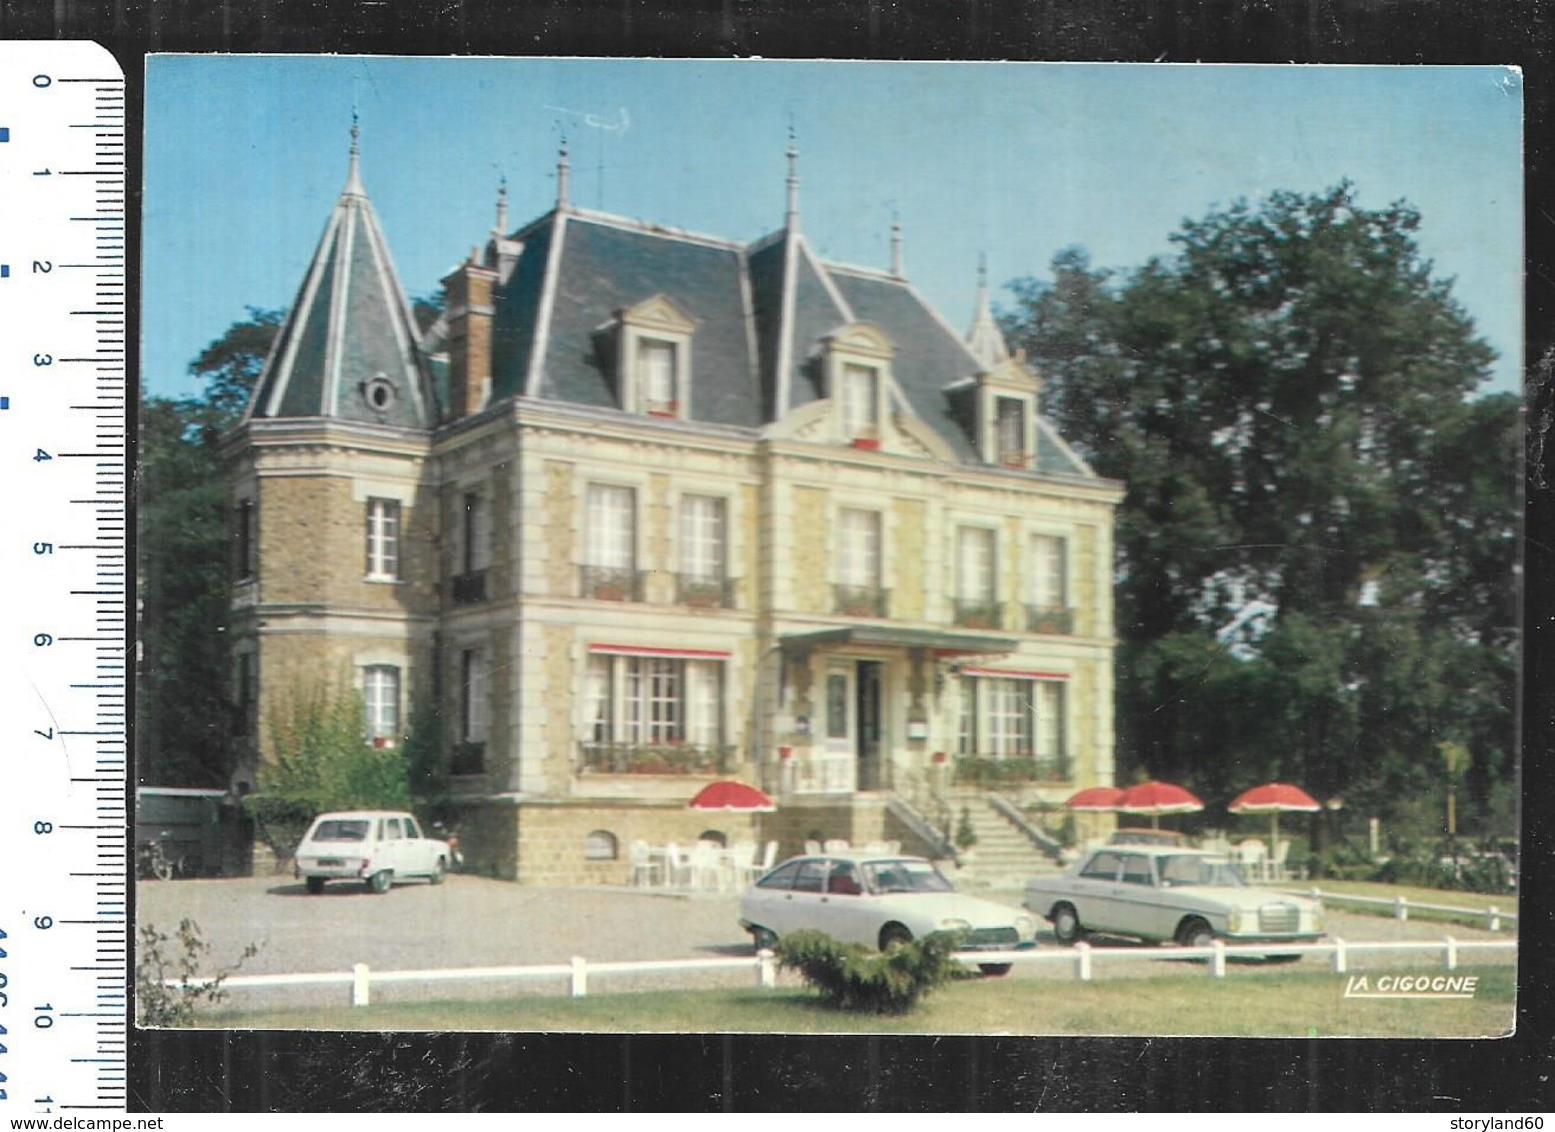 Cpm 039319 Hostellerie Du Parc Avenue De L'ile De France Liancourt ,mercédès, Citroen Cx - Liancourt